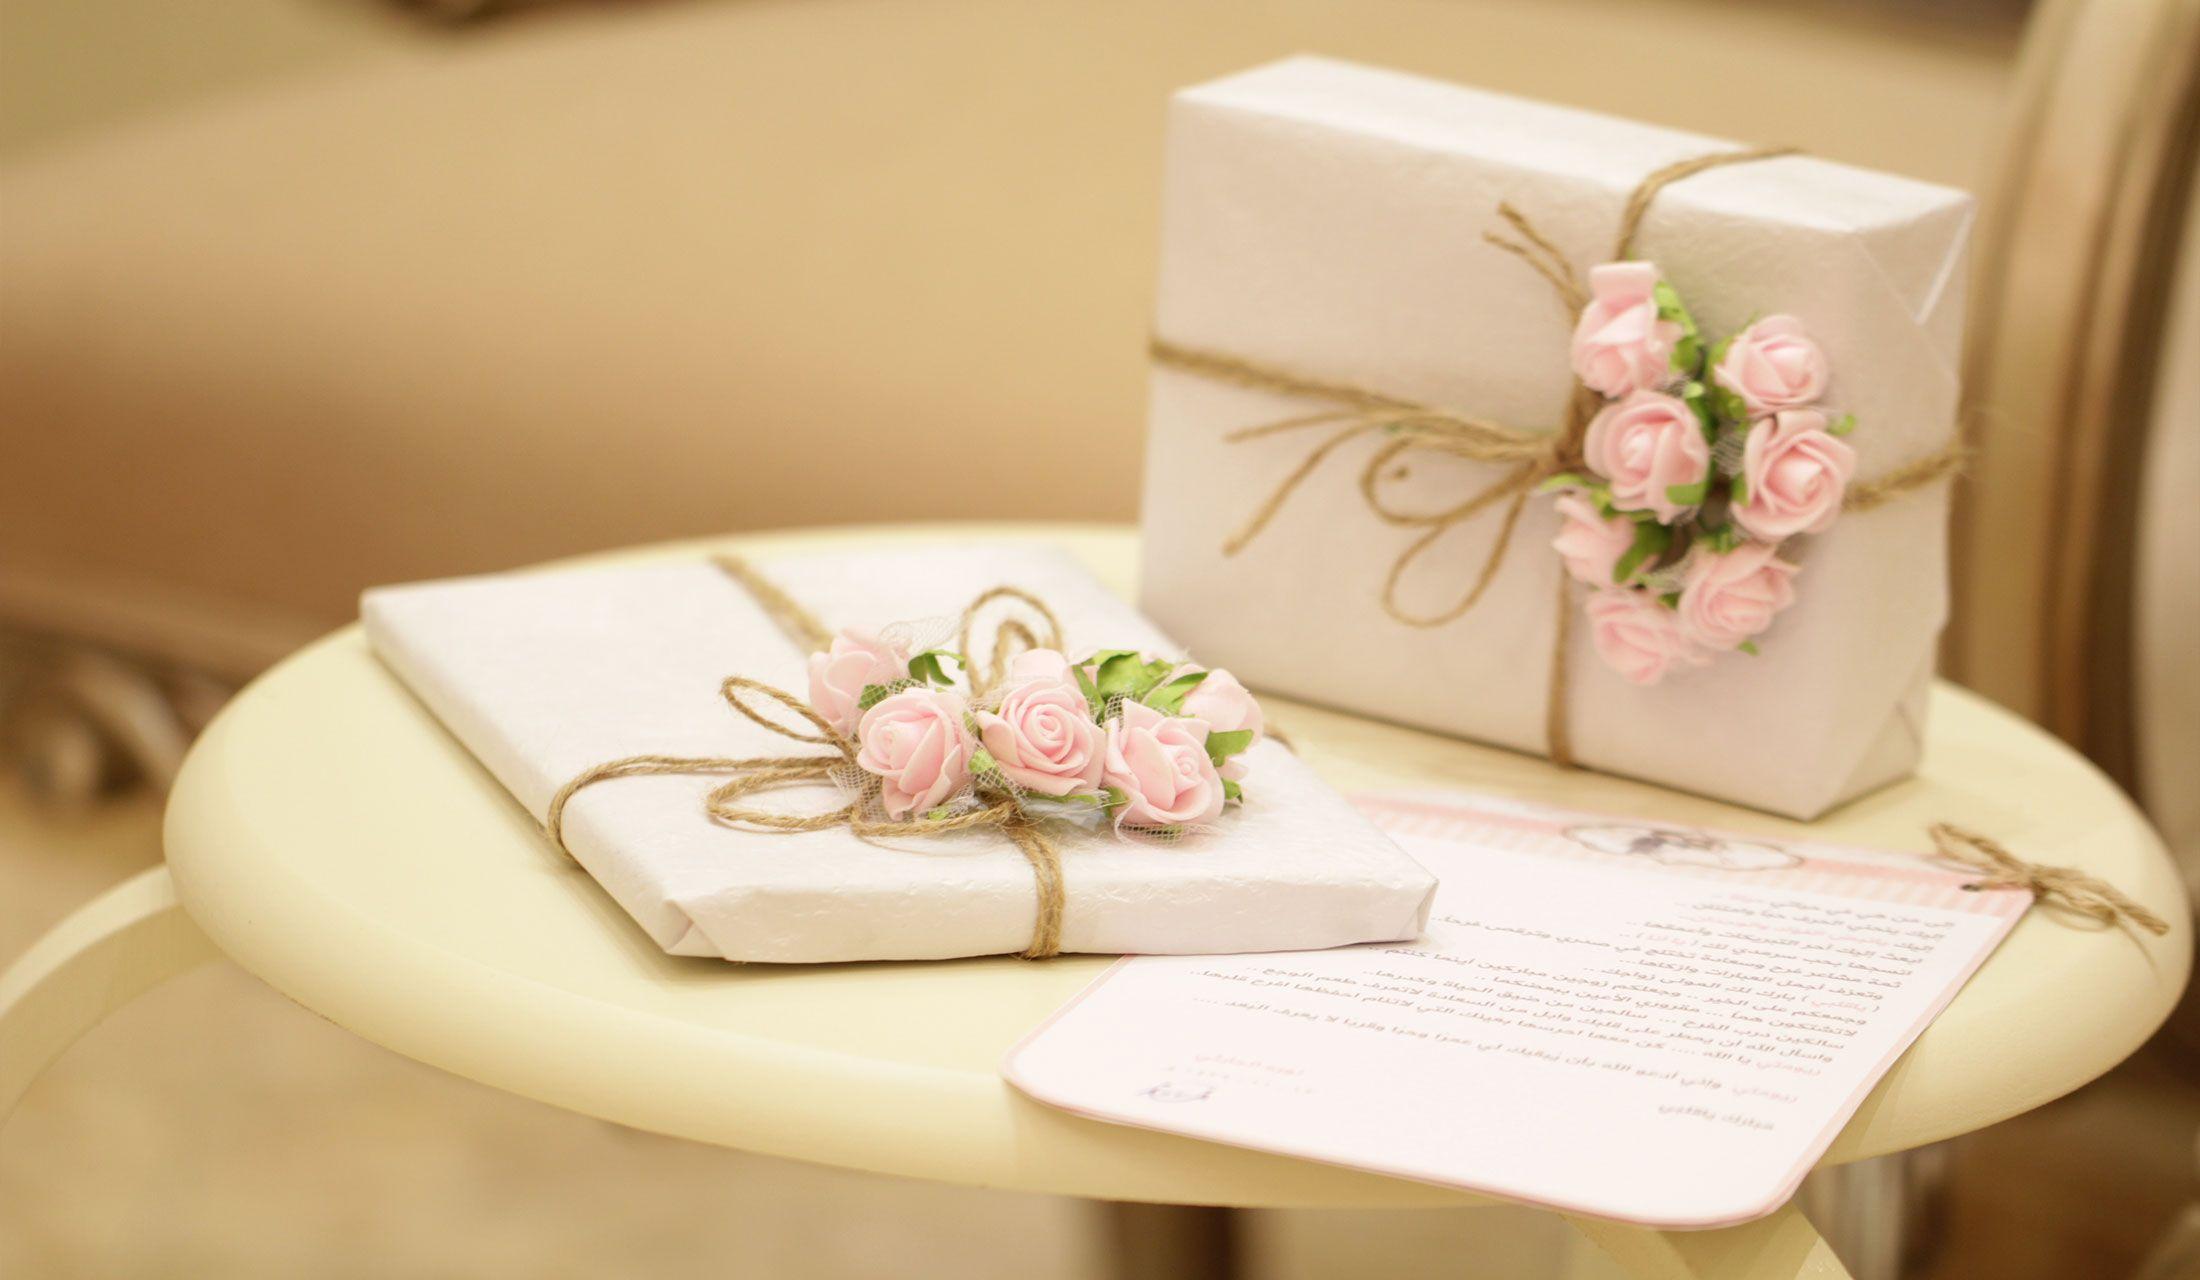 箱に入った手土産と手紙